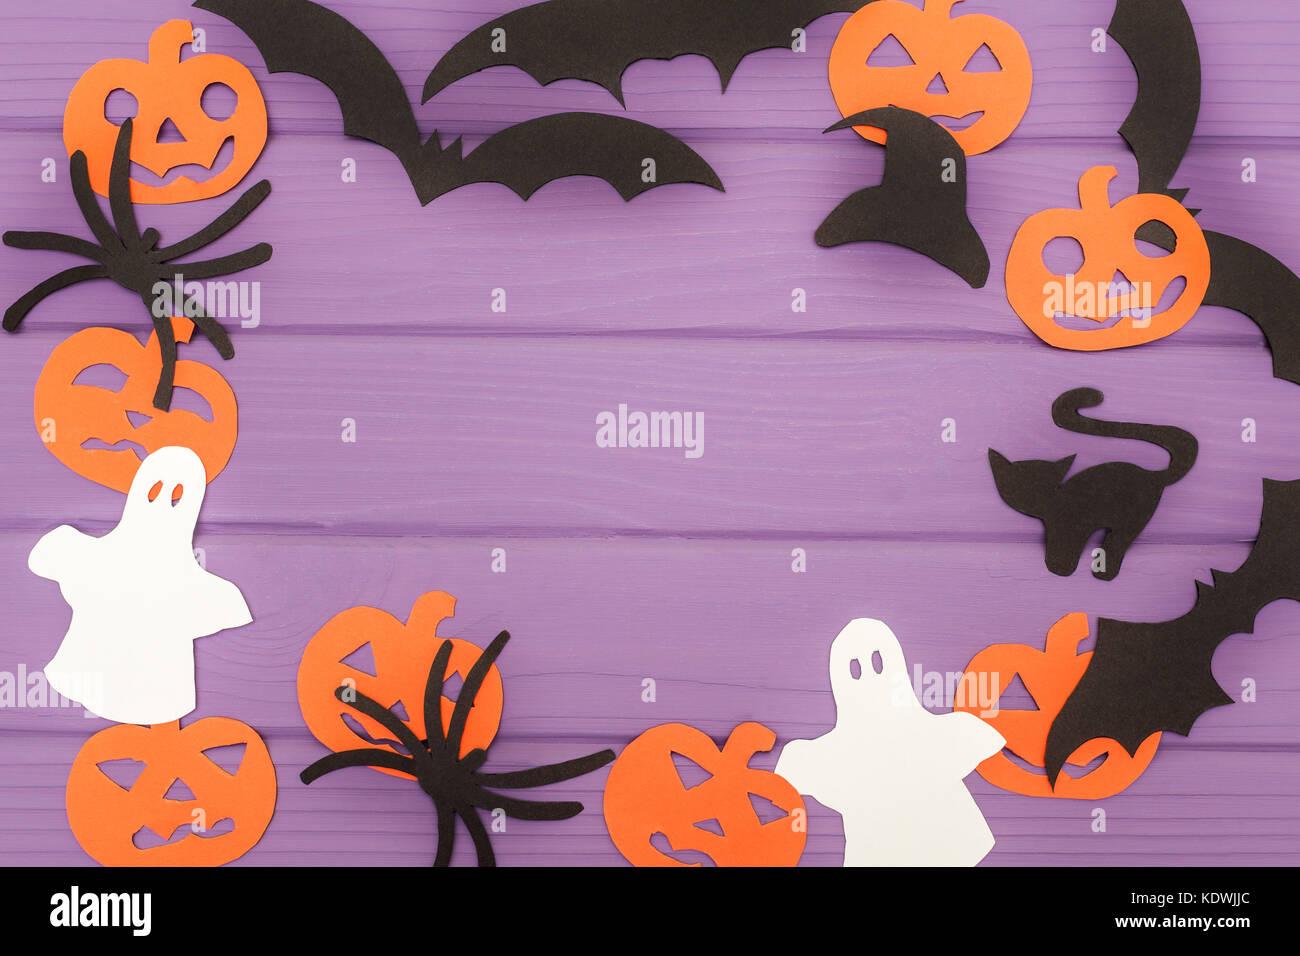 Halloween Silhouetten Geschnitten Aus Papier Von Runden Rahmen Mit